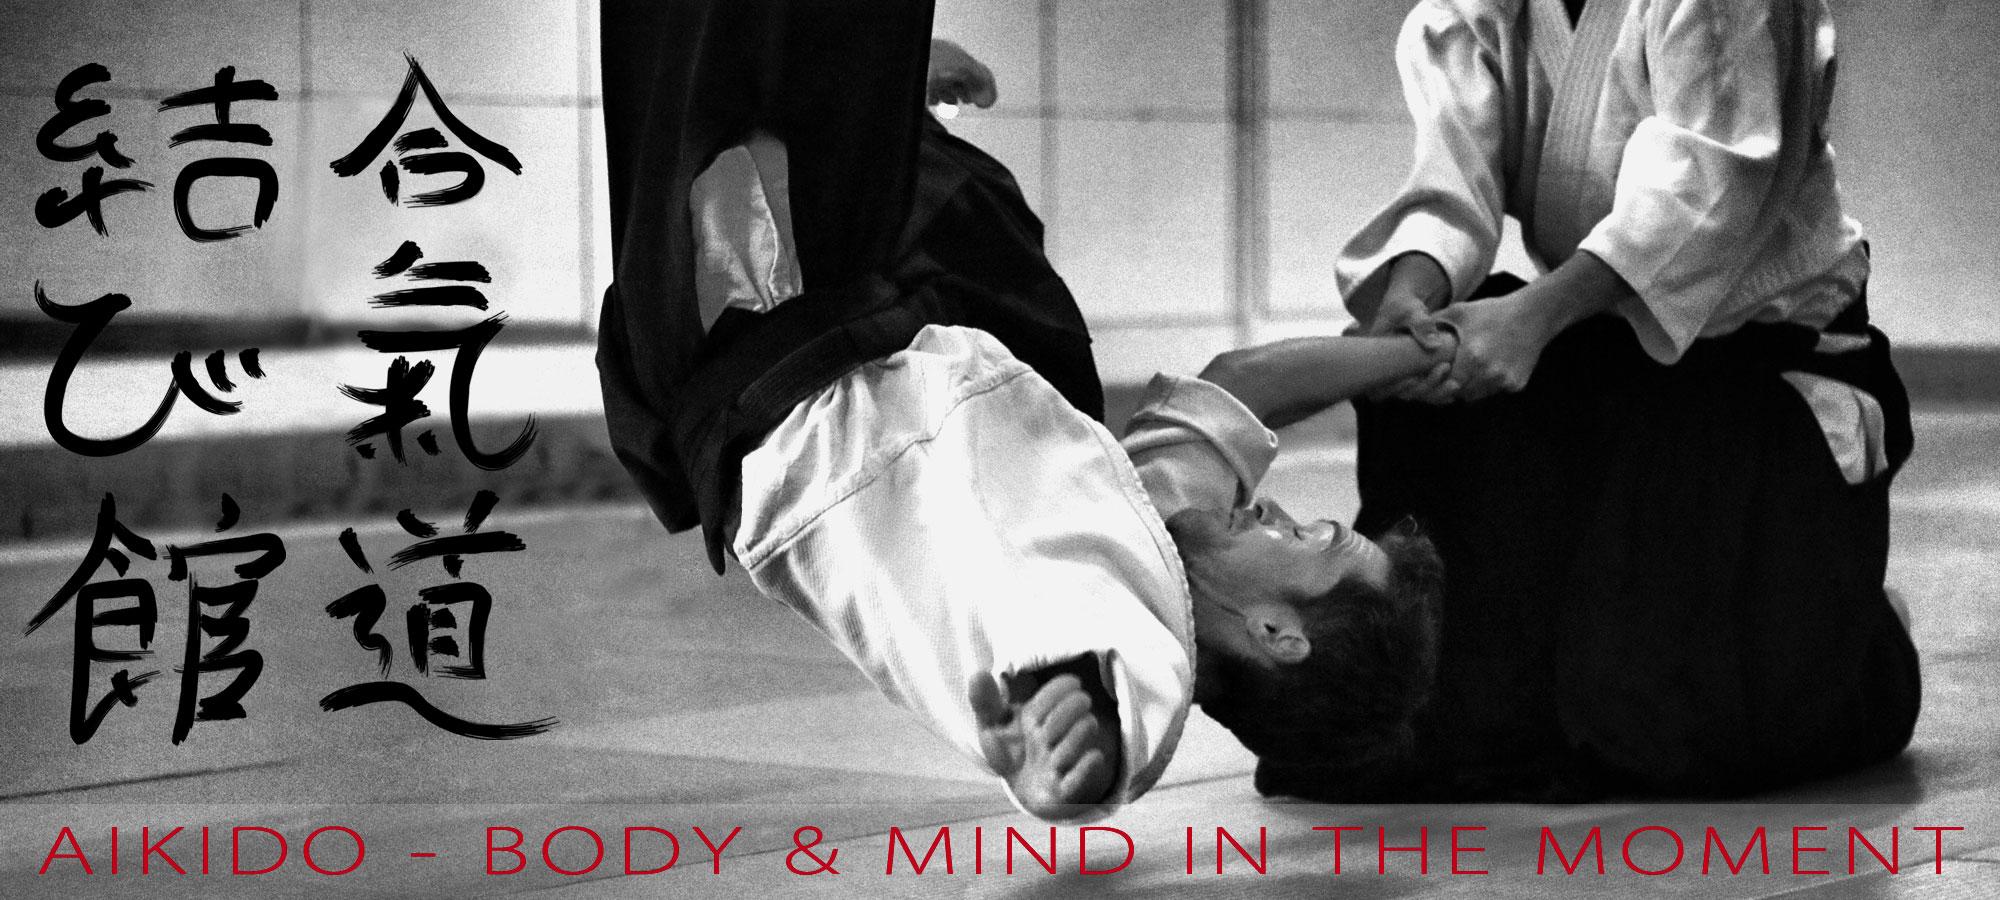 Aikido, die friedliche Kampfkunst, ist ein spannender Weg zu deinem Selbst.